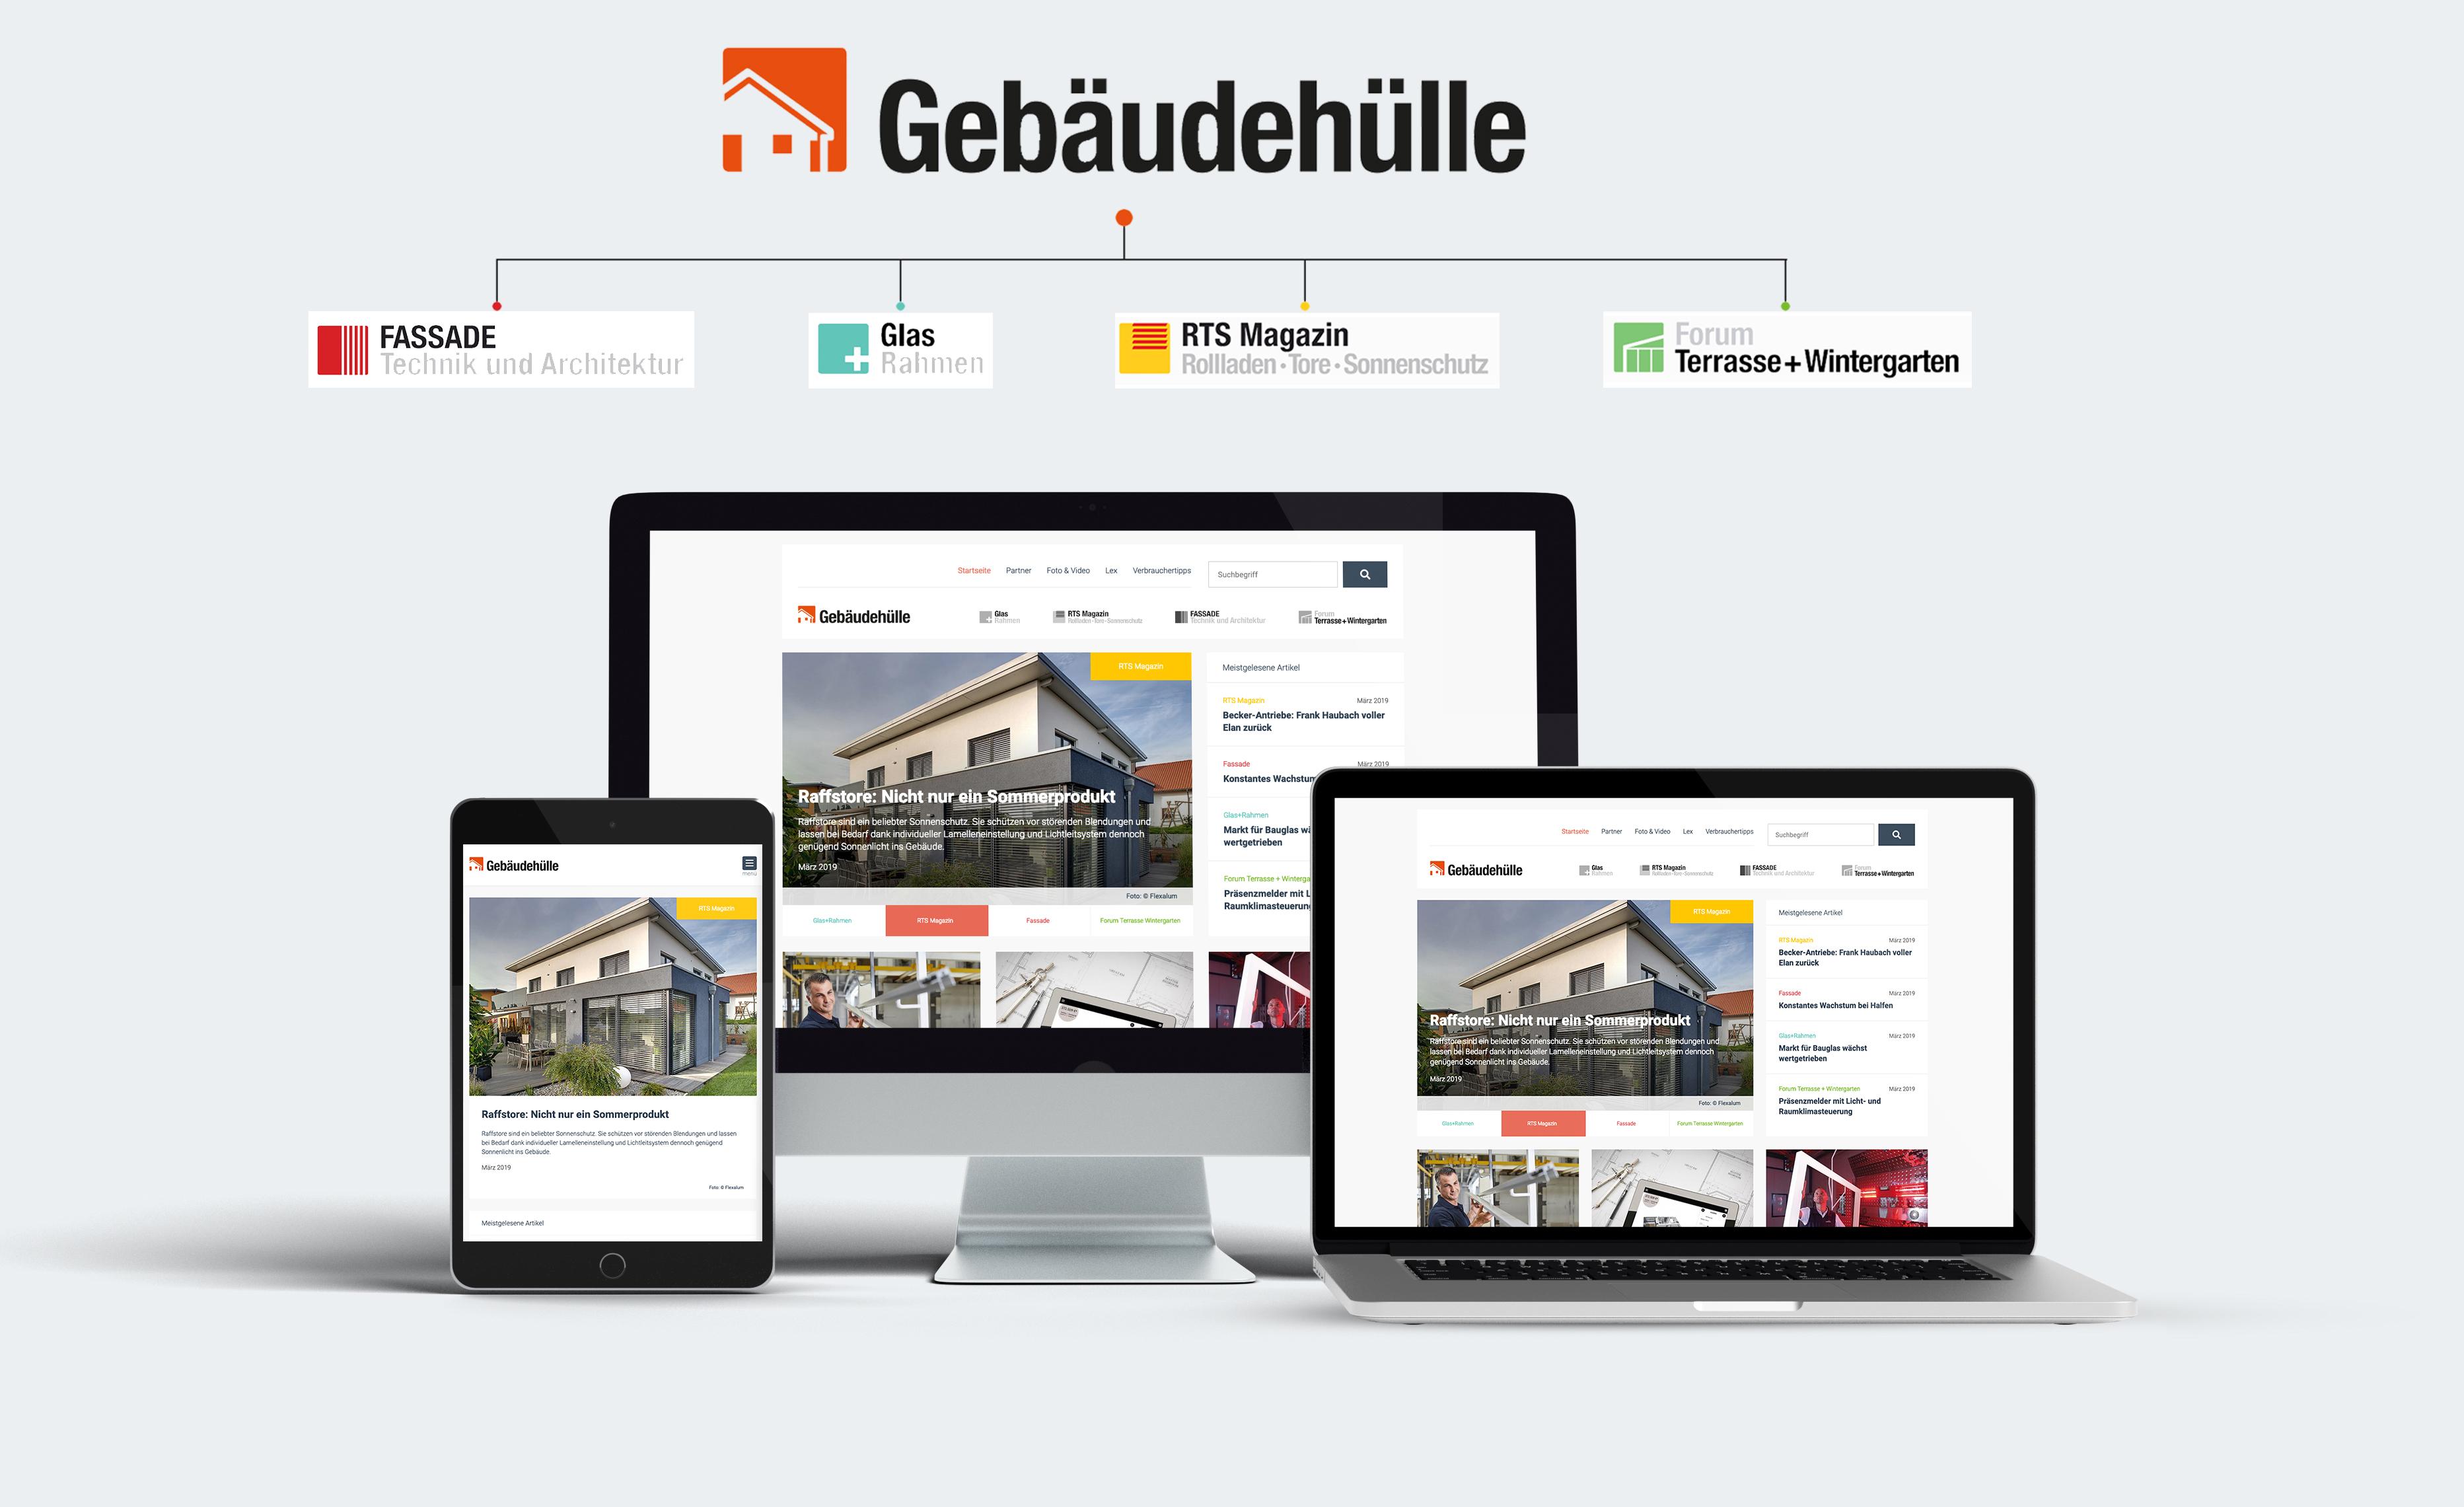 Foto: © Verlagsanstalt Handwerk GmbH